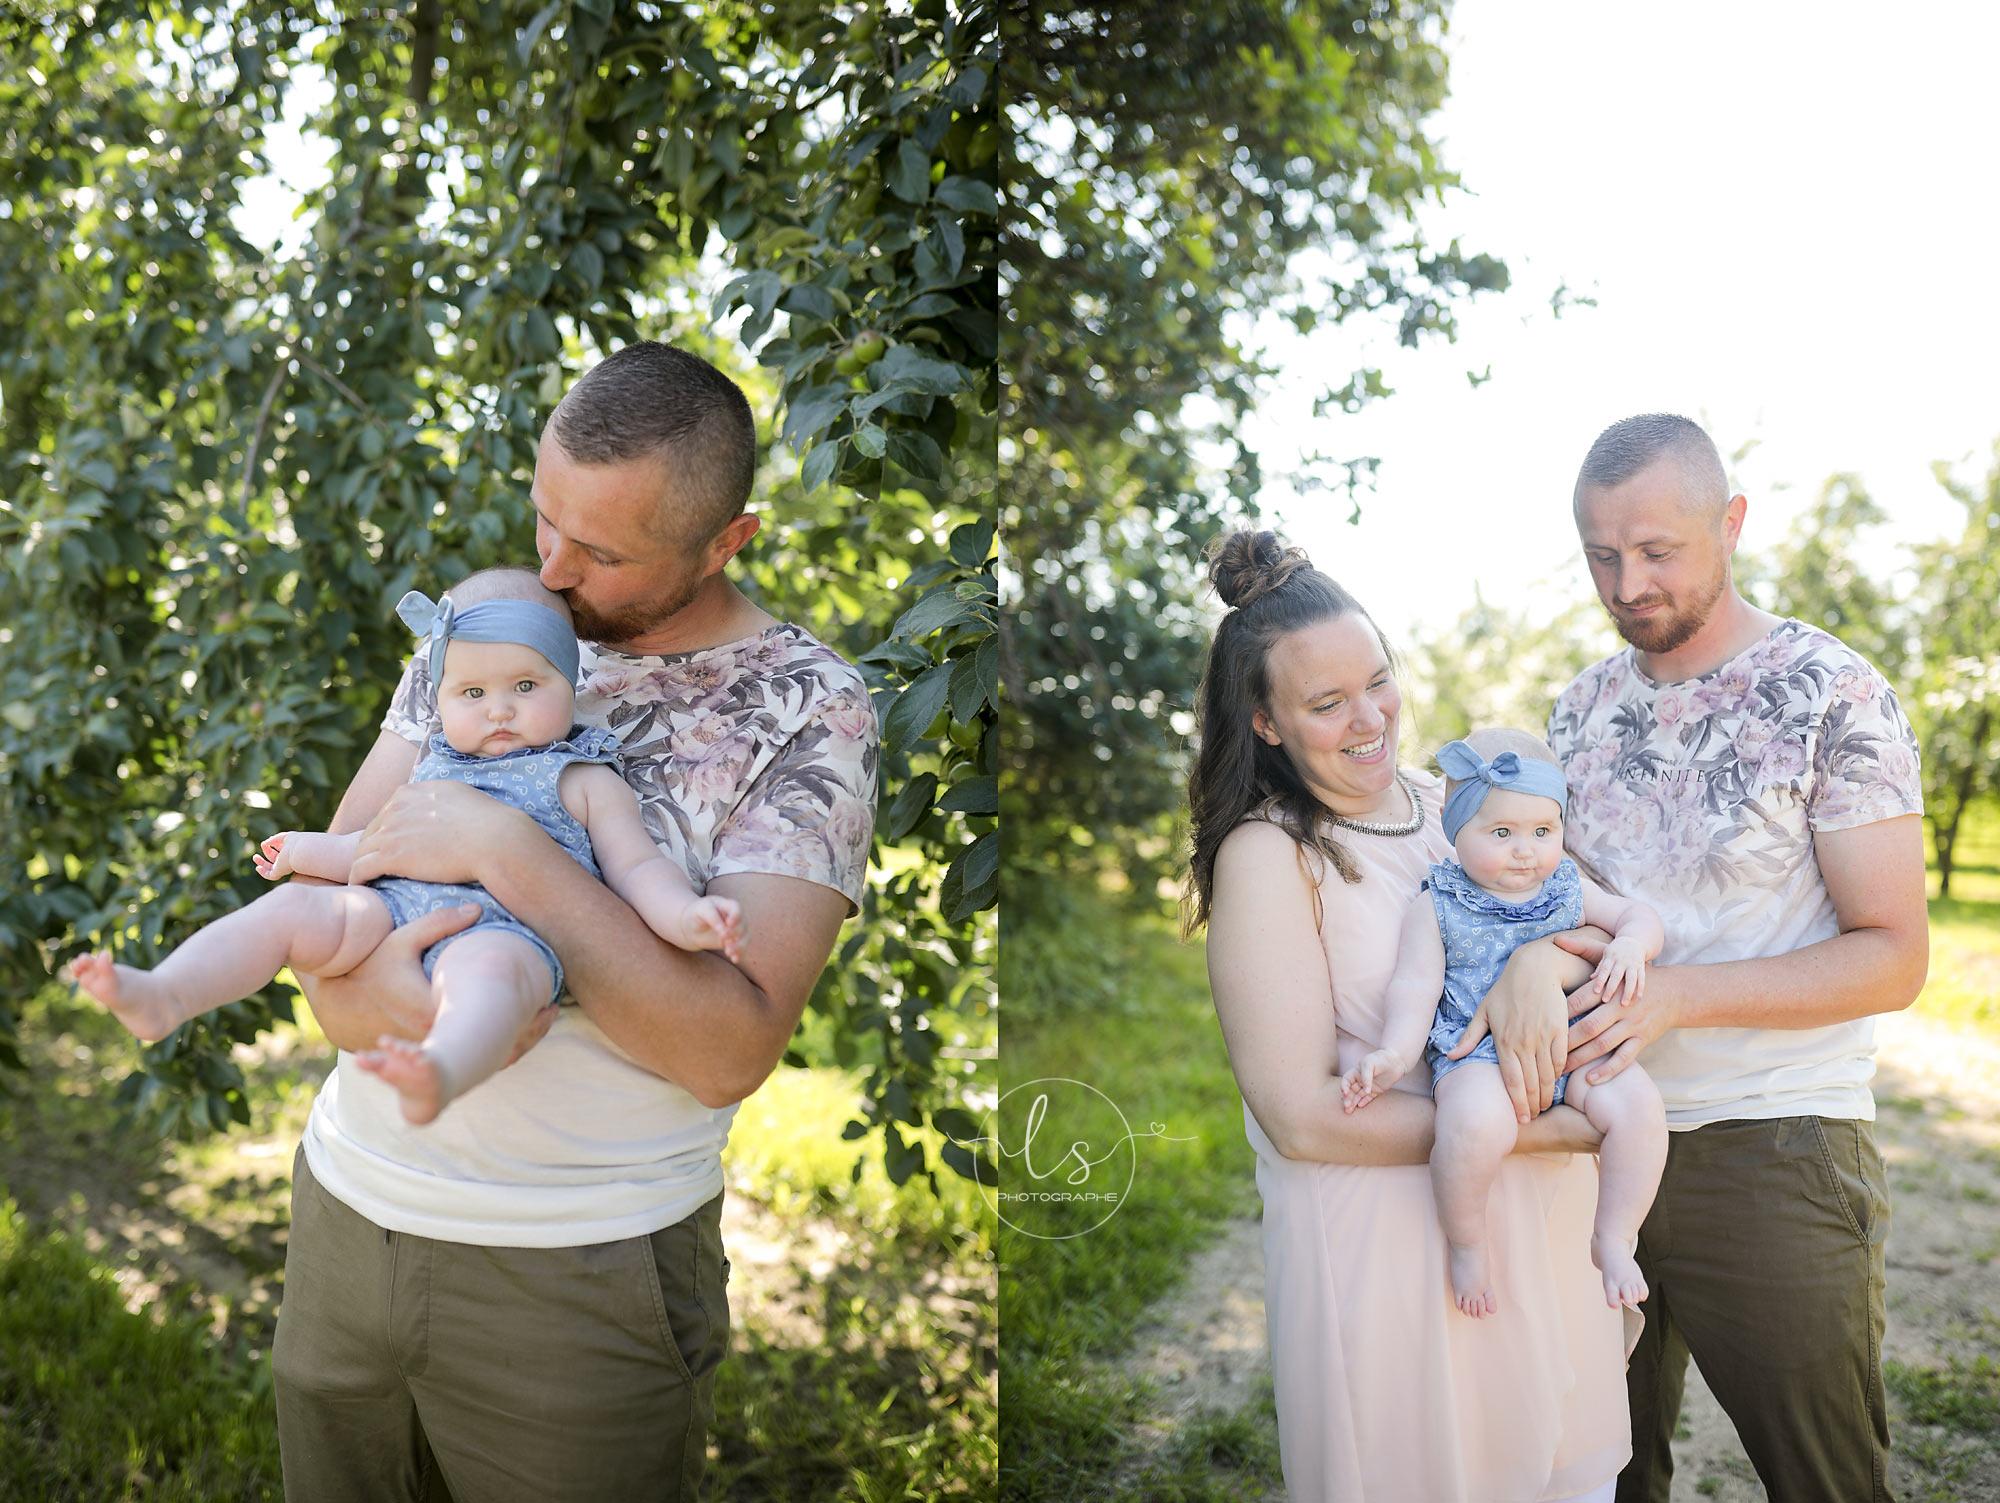 séance photo famille belgique photographe